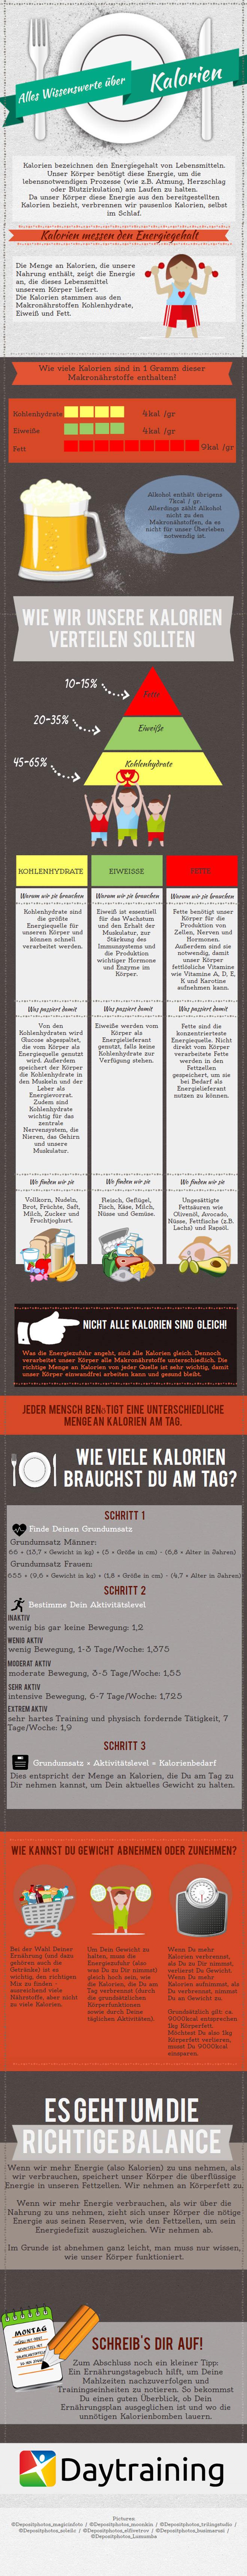 Erfahre in unserer Infografik alles was Du über Kalorien wissen musst